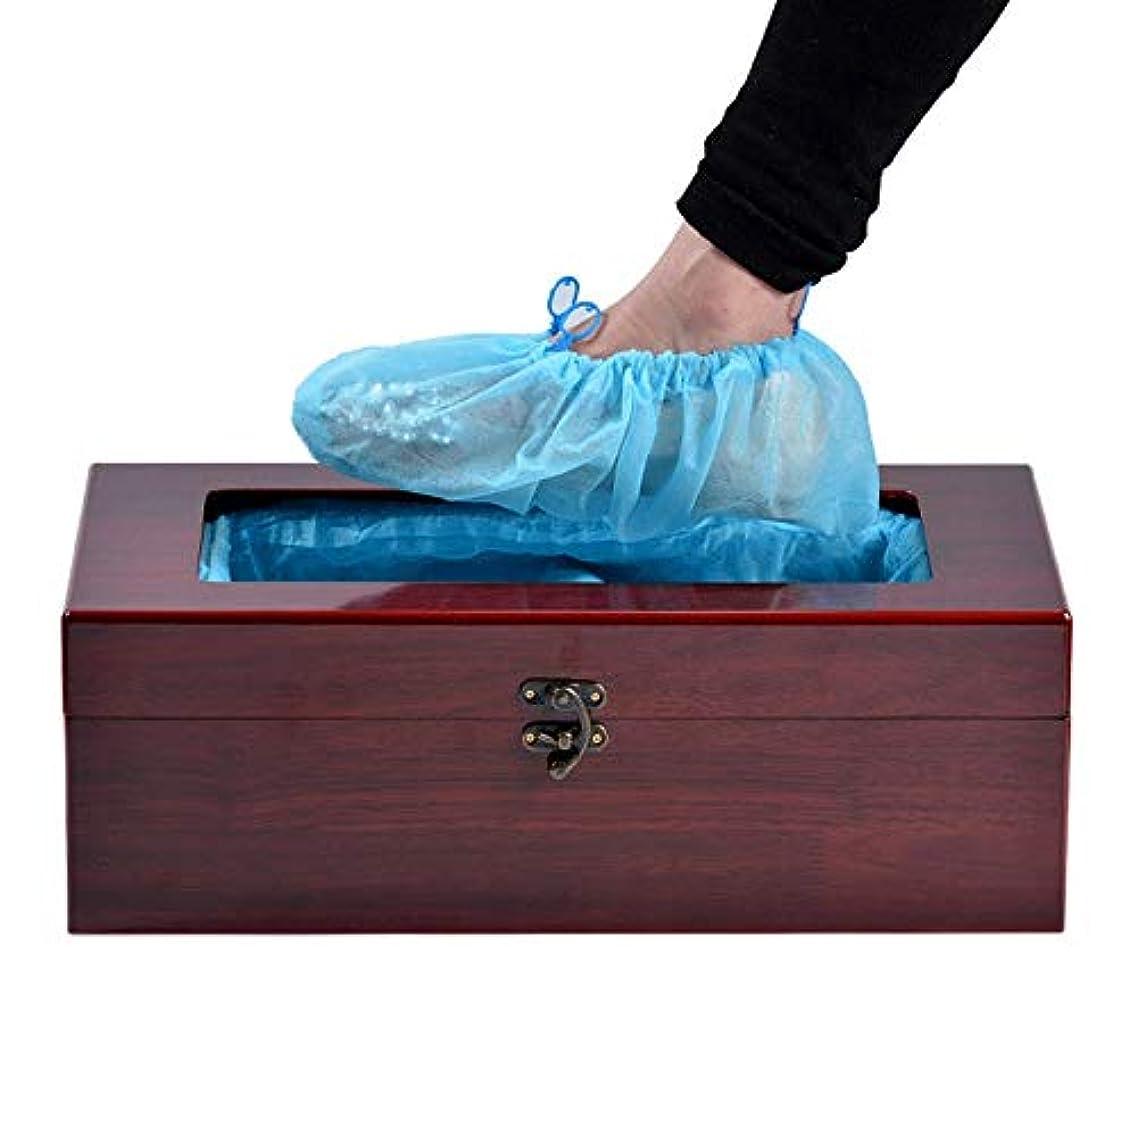 髄神経故意の新しい靴カバーマシン新しいホーム自動インテリジェントオフィス靴マシン使い捨て靴カバーマシンフットカバーマシンフィルムマシン